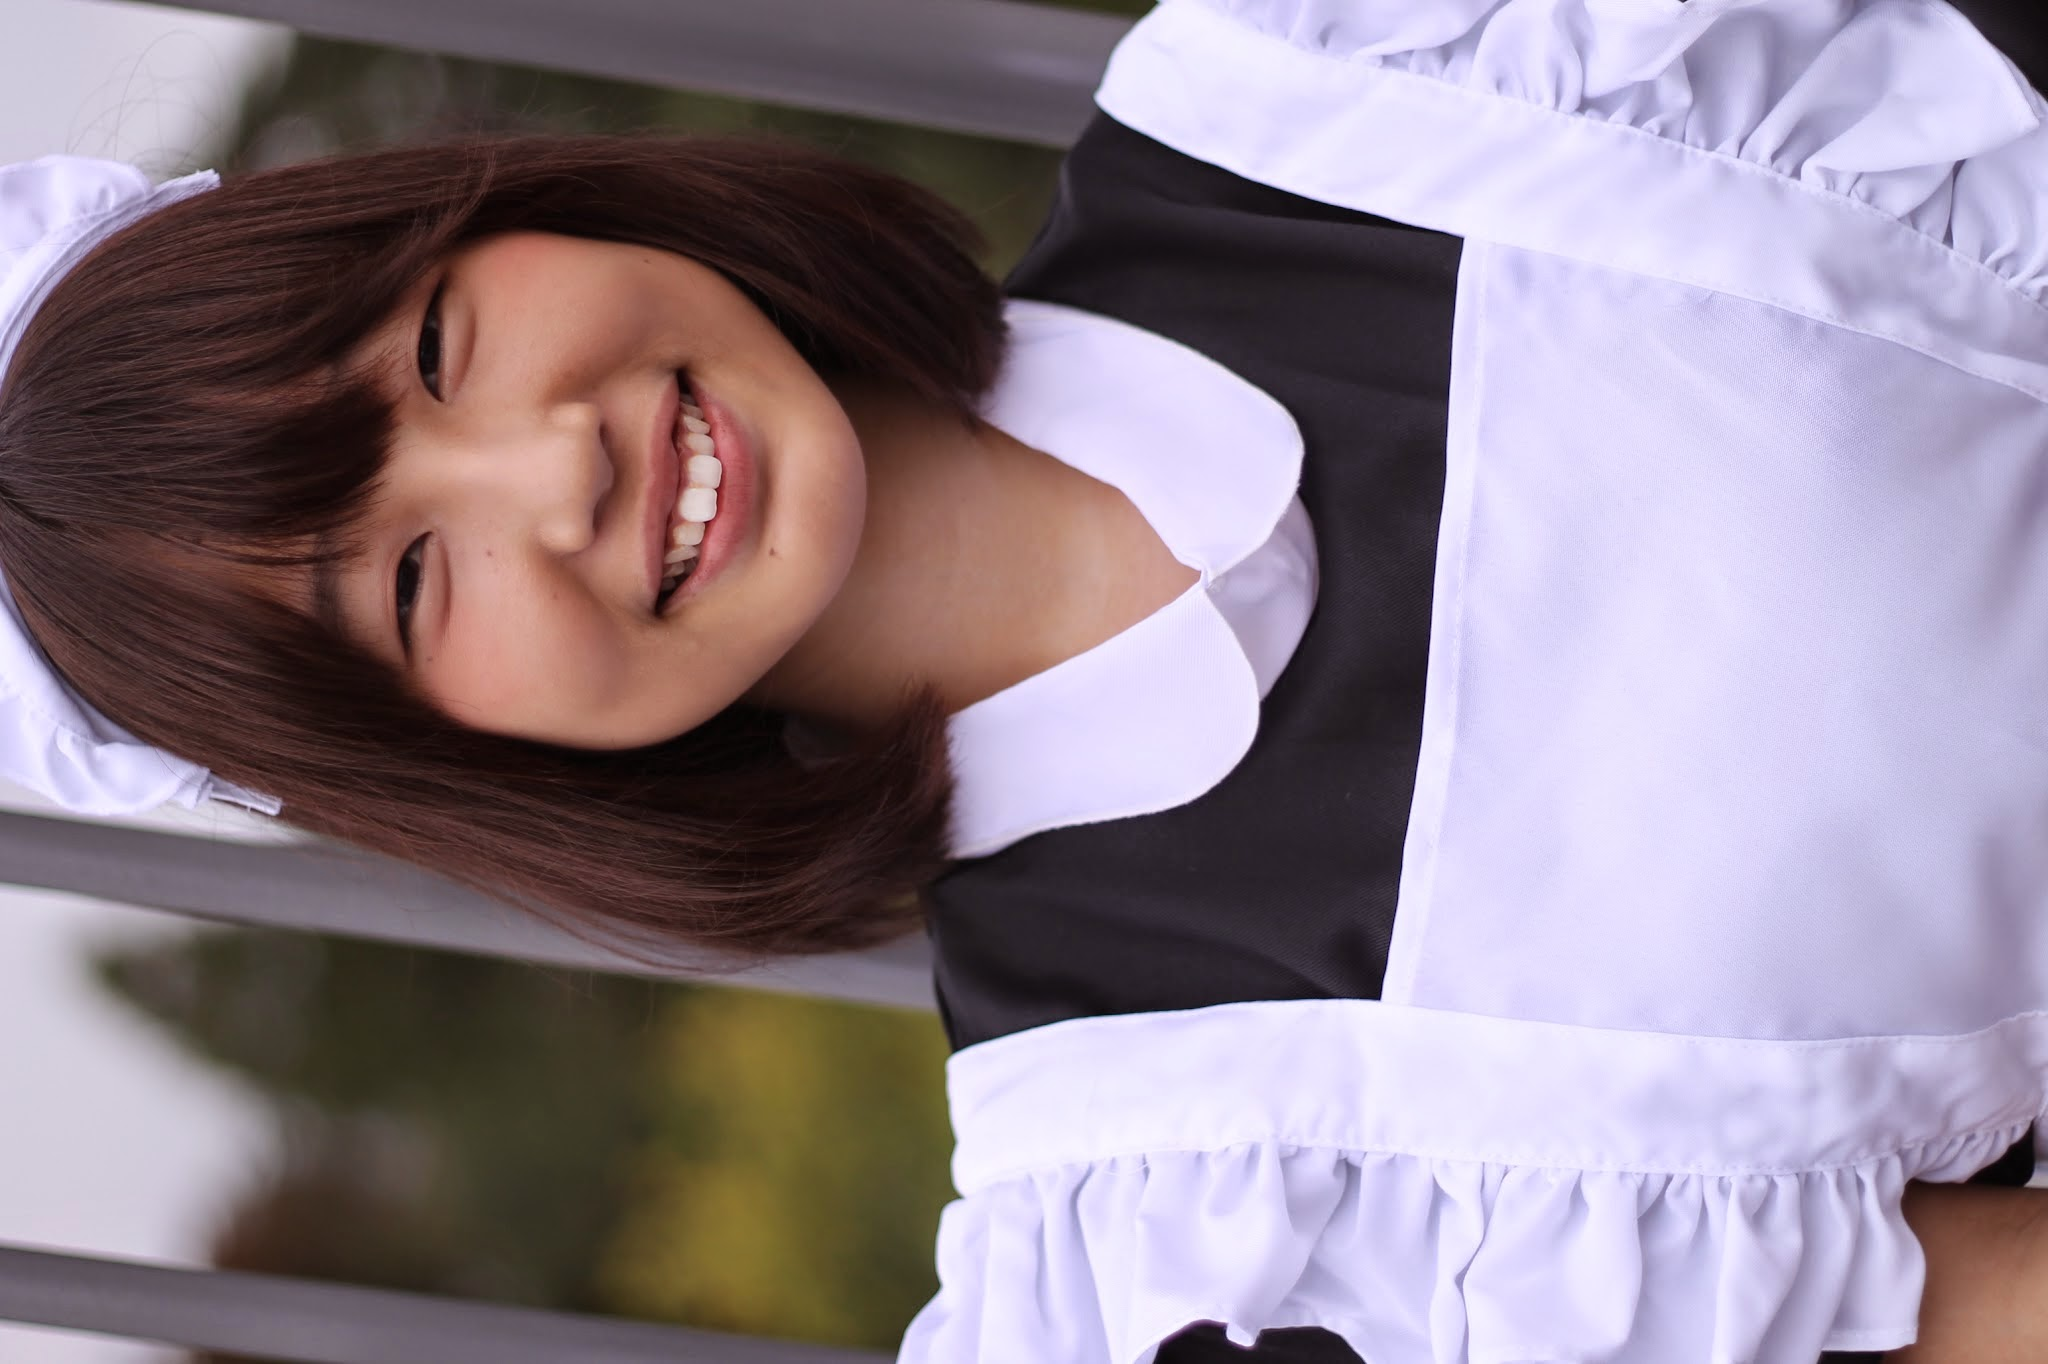 普通の娘のエロい画像  Part.4 [無断転載禁止]©bbspink.comYouTube動画>1本 ->画像>1053枚